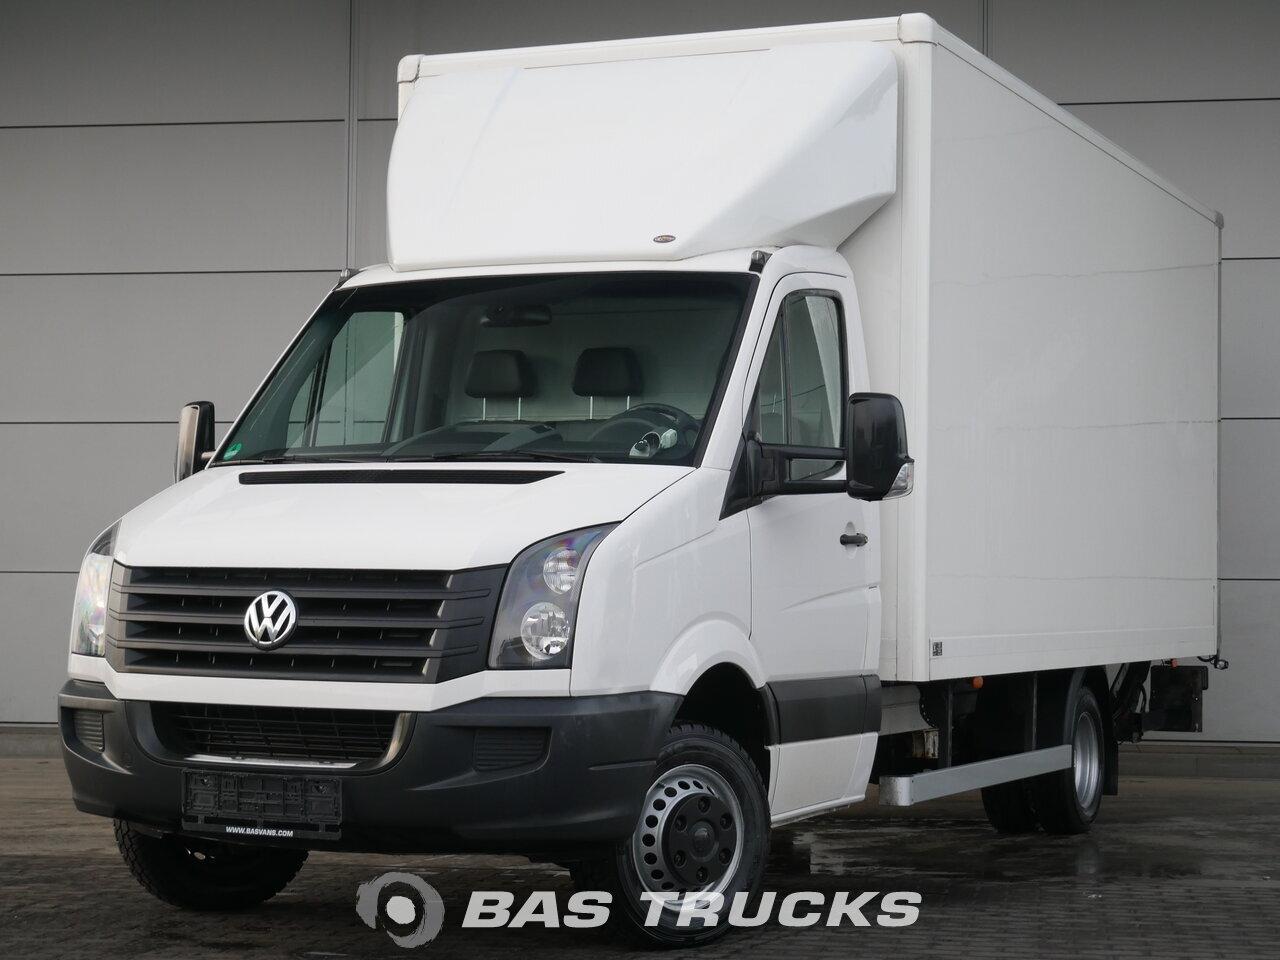 volkswagen crafter 50 lcv euro 5 12400 bas trucks. Black Bedroom Furniture Sets. Home Design Ideas